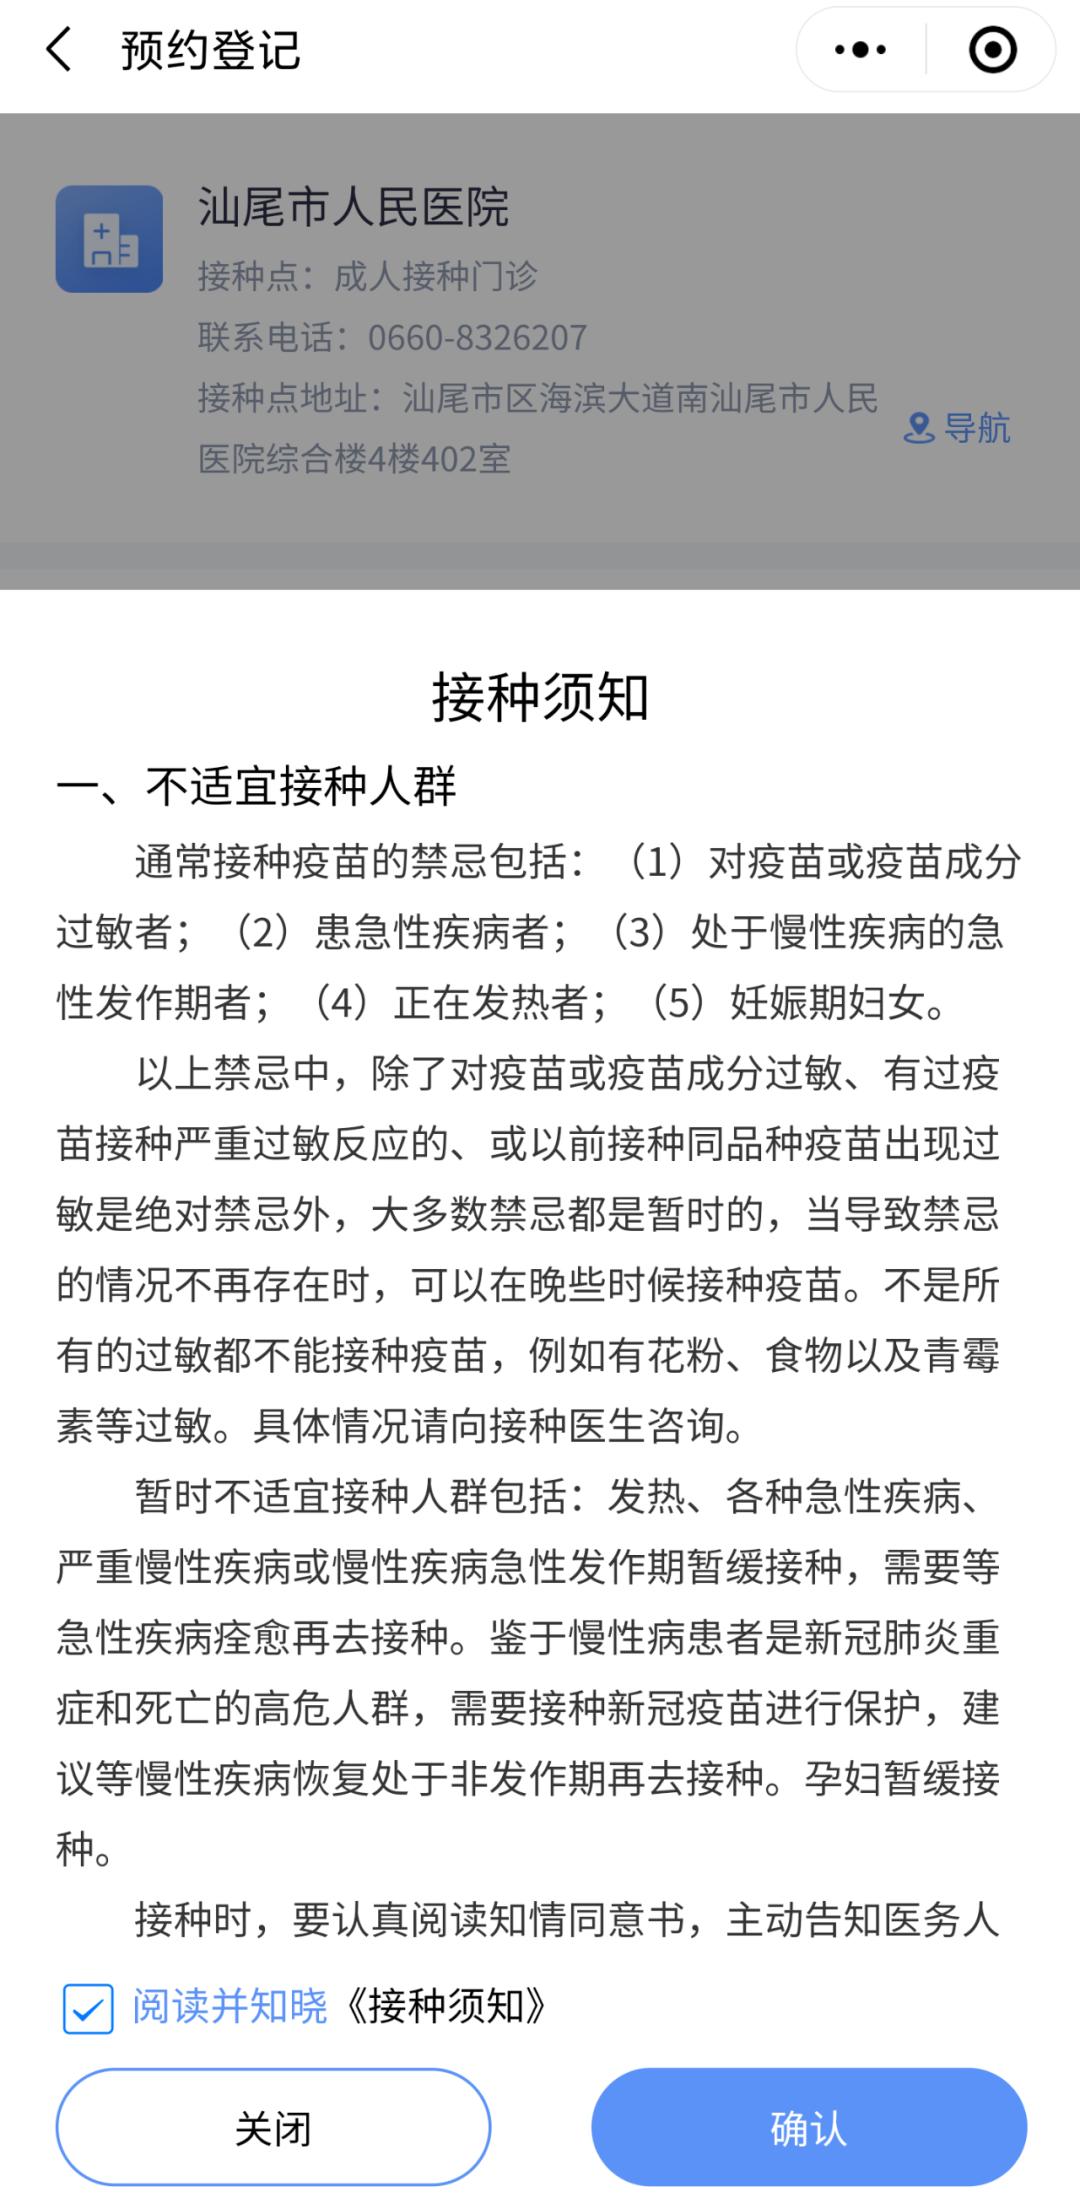 汕尾市民预约新冠病毒疫苗接种流程 汕尾新闻 第6张